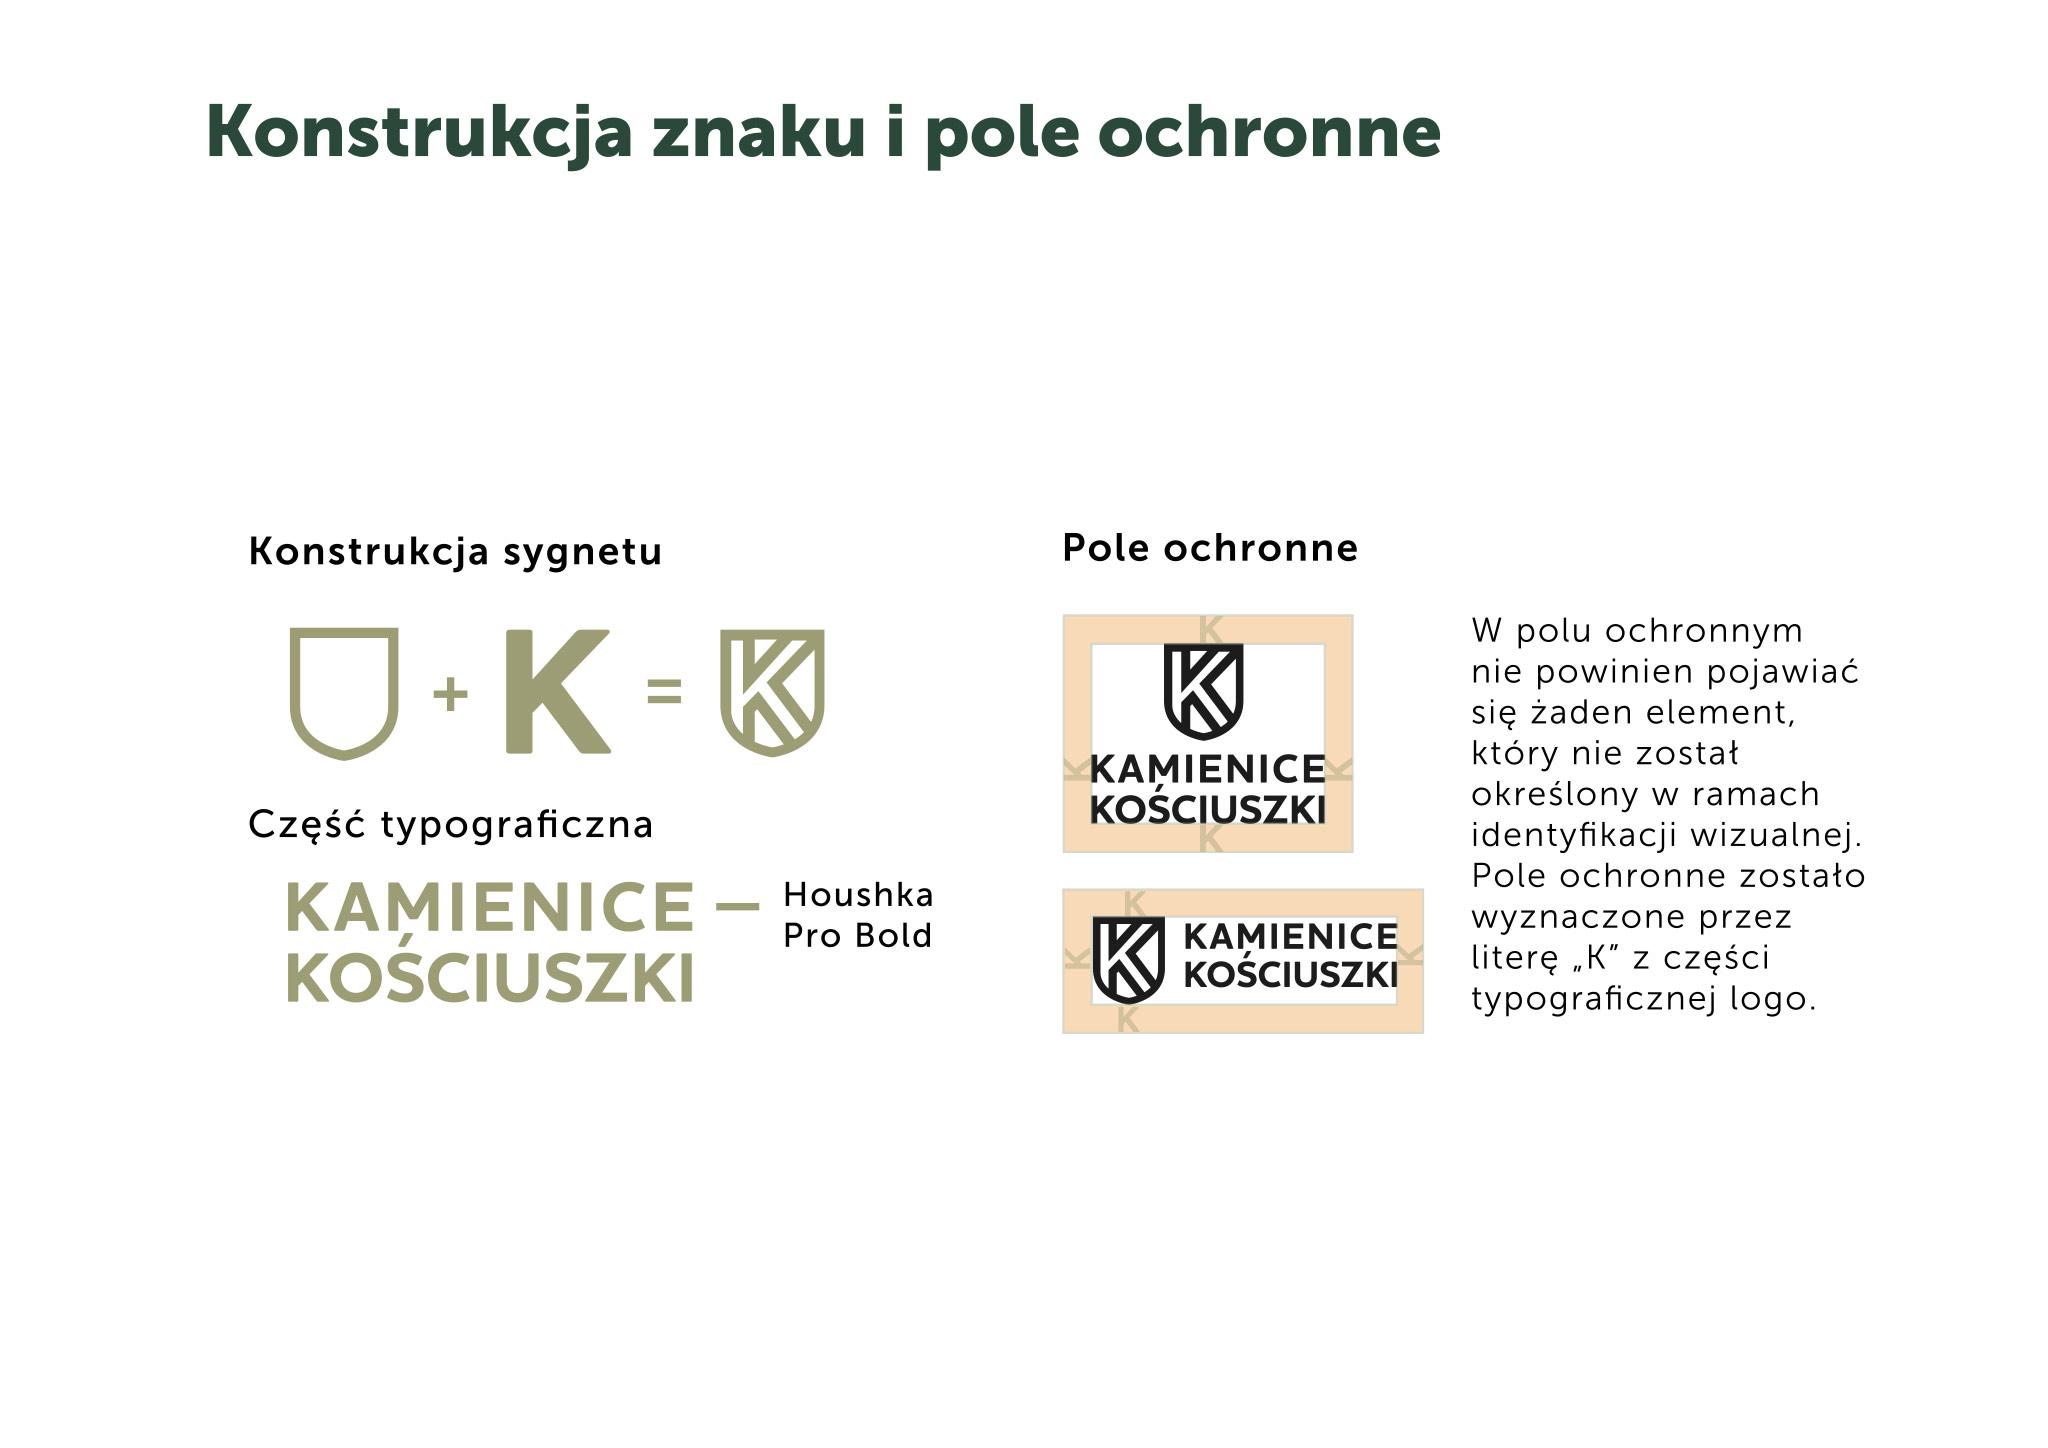 pole ochronne znaku Kamieniice Kosciuszki Gliwice